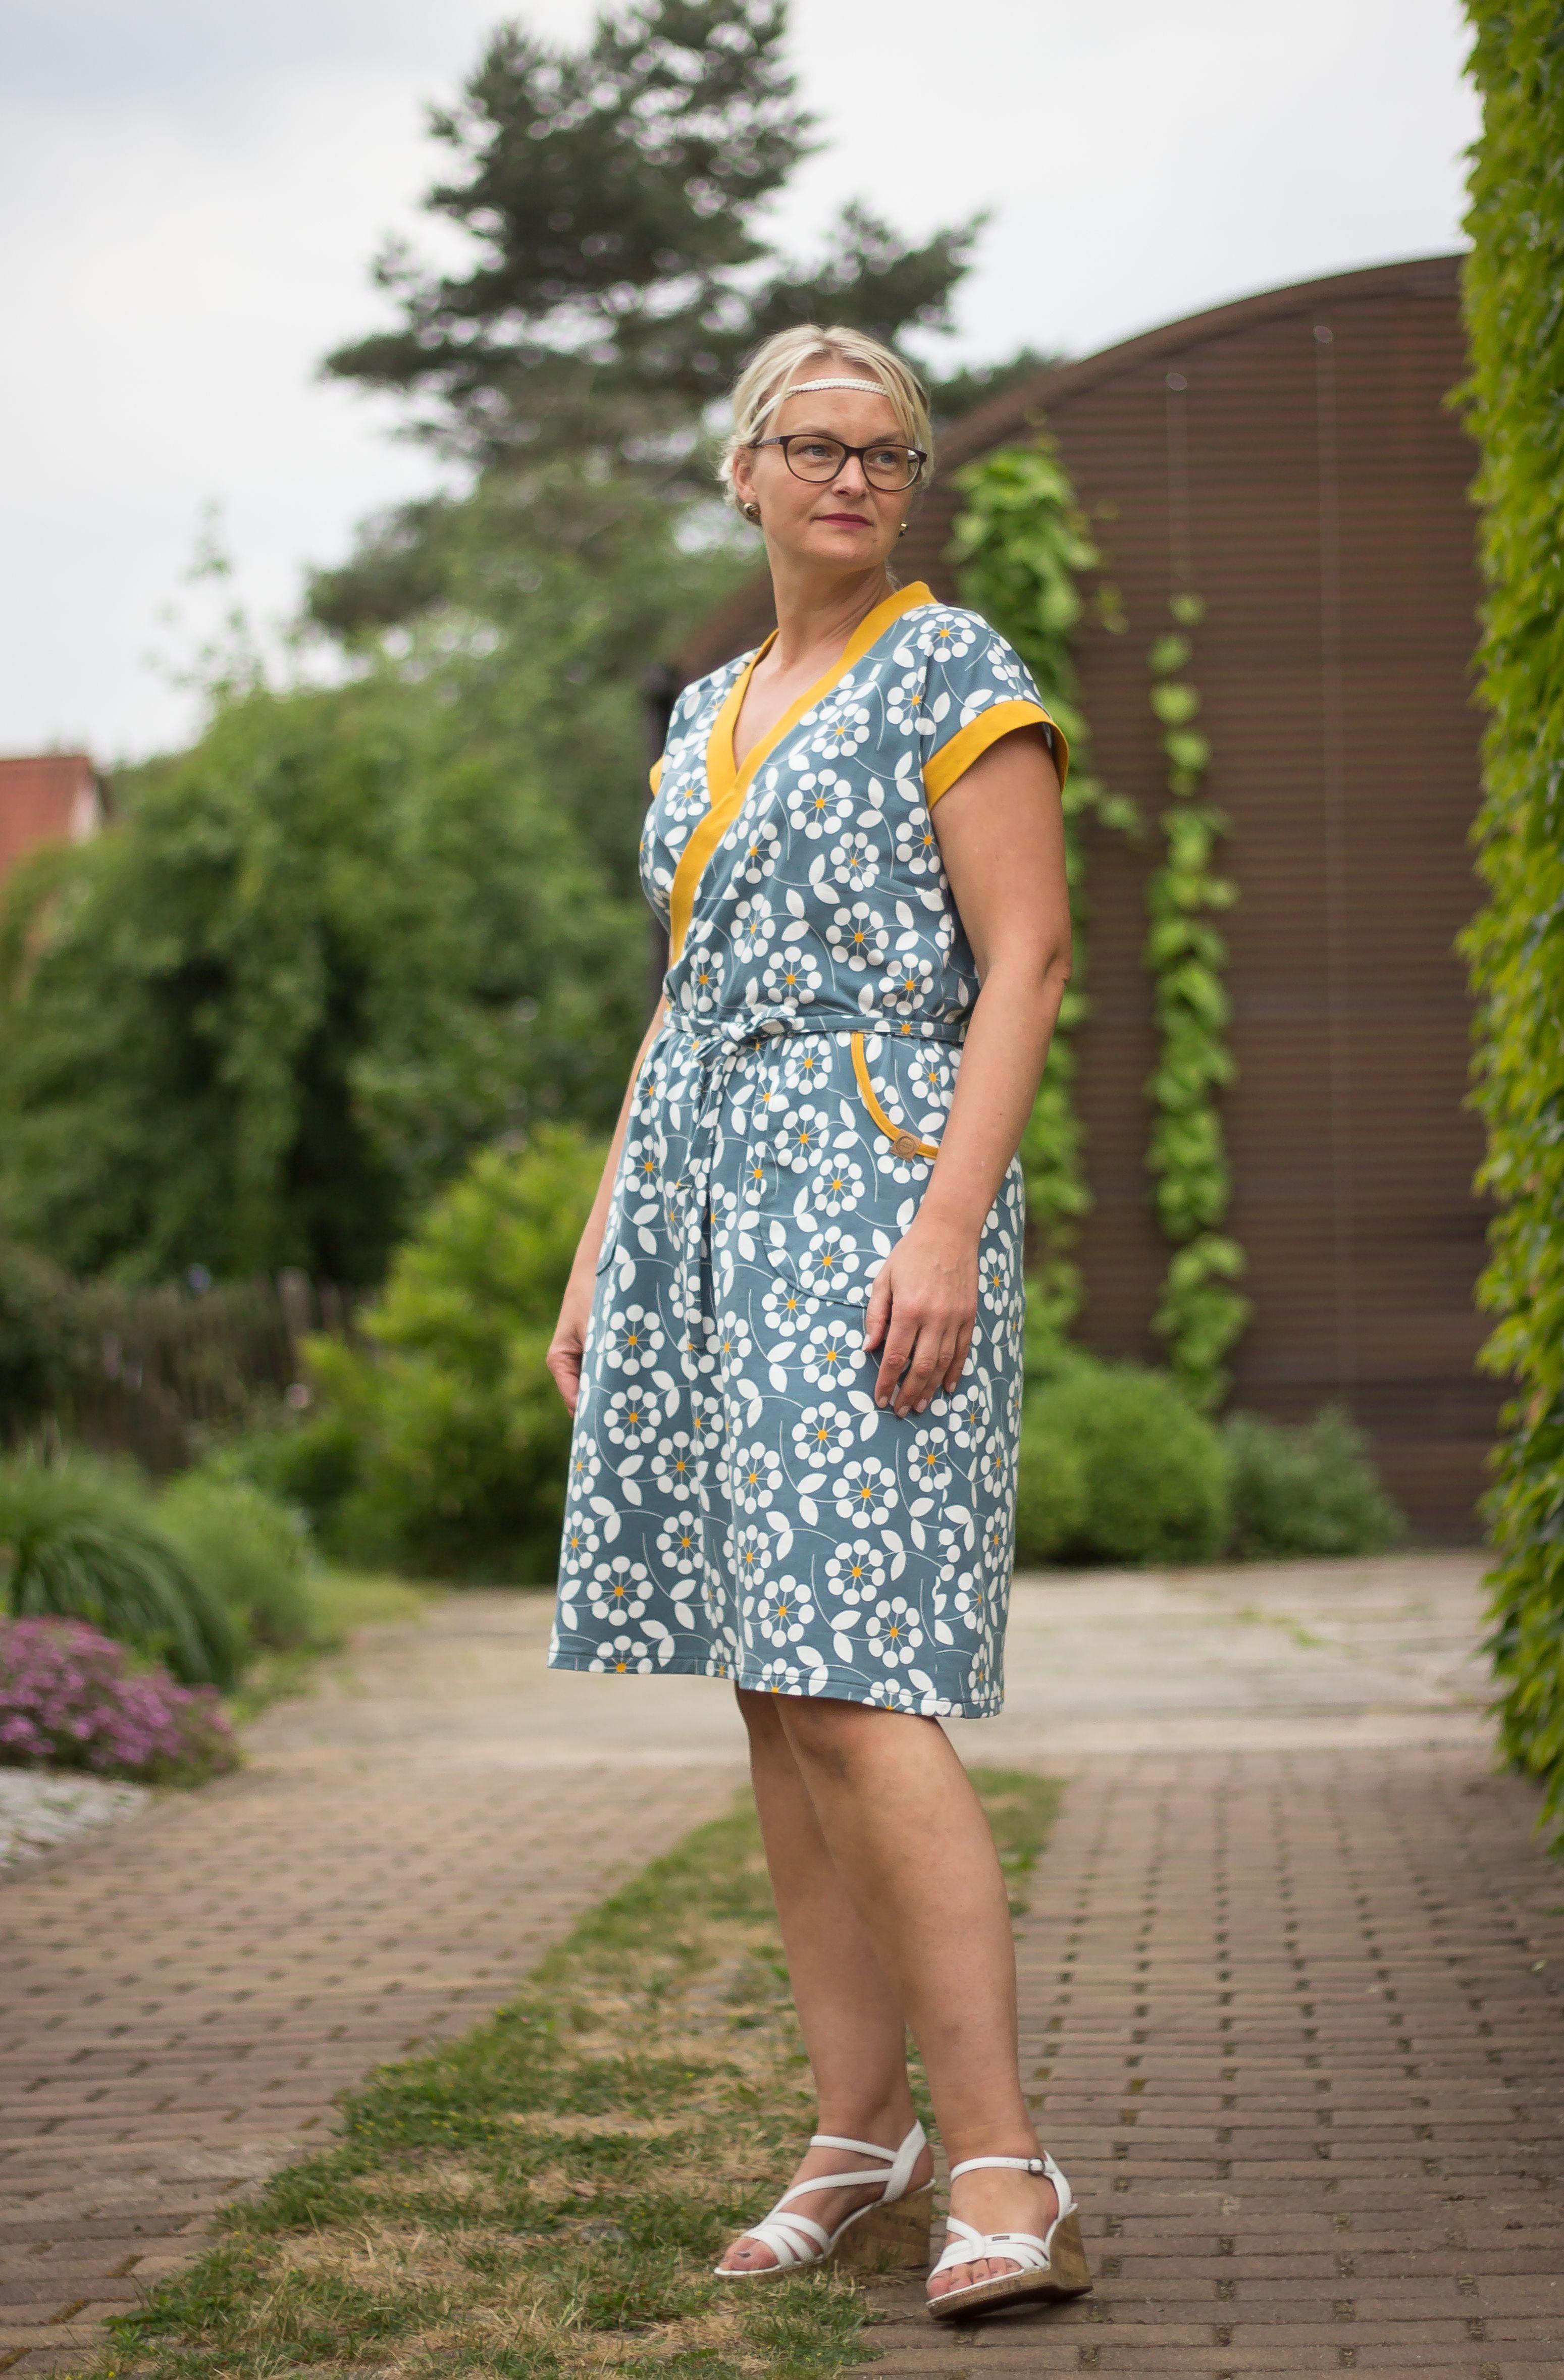 Schnittmuster Kleid Katrein ️ Freuleins | Schnittmuster